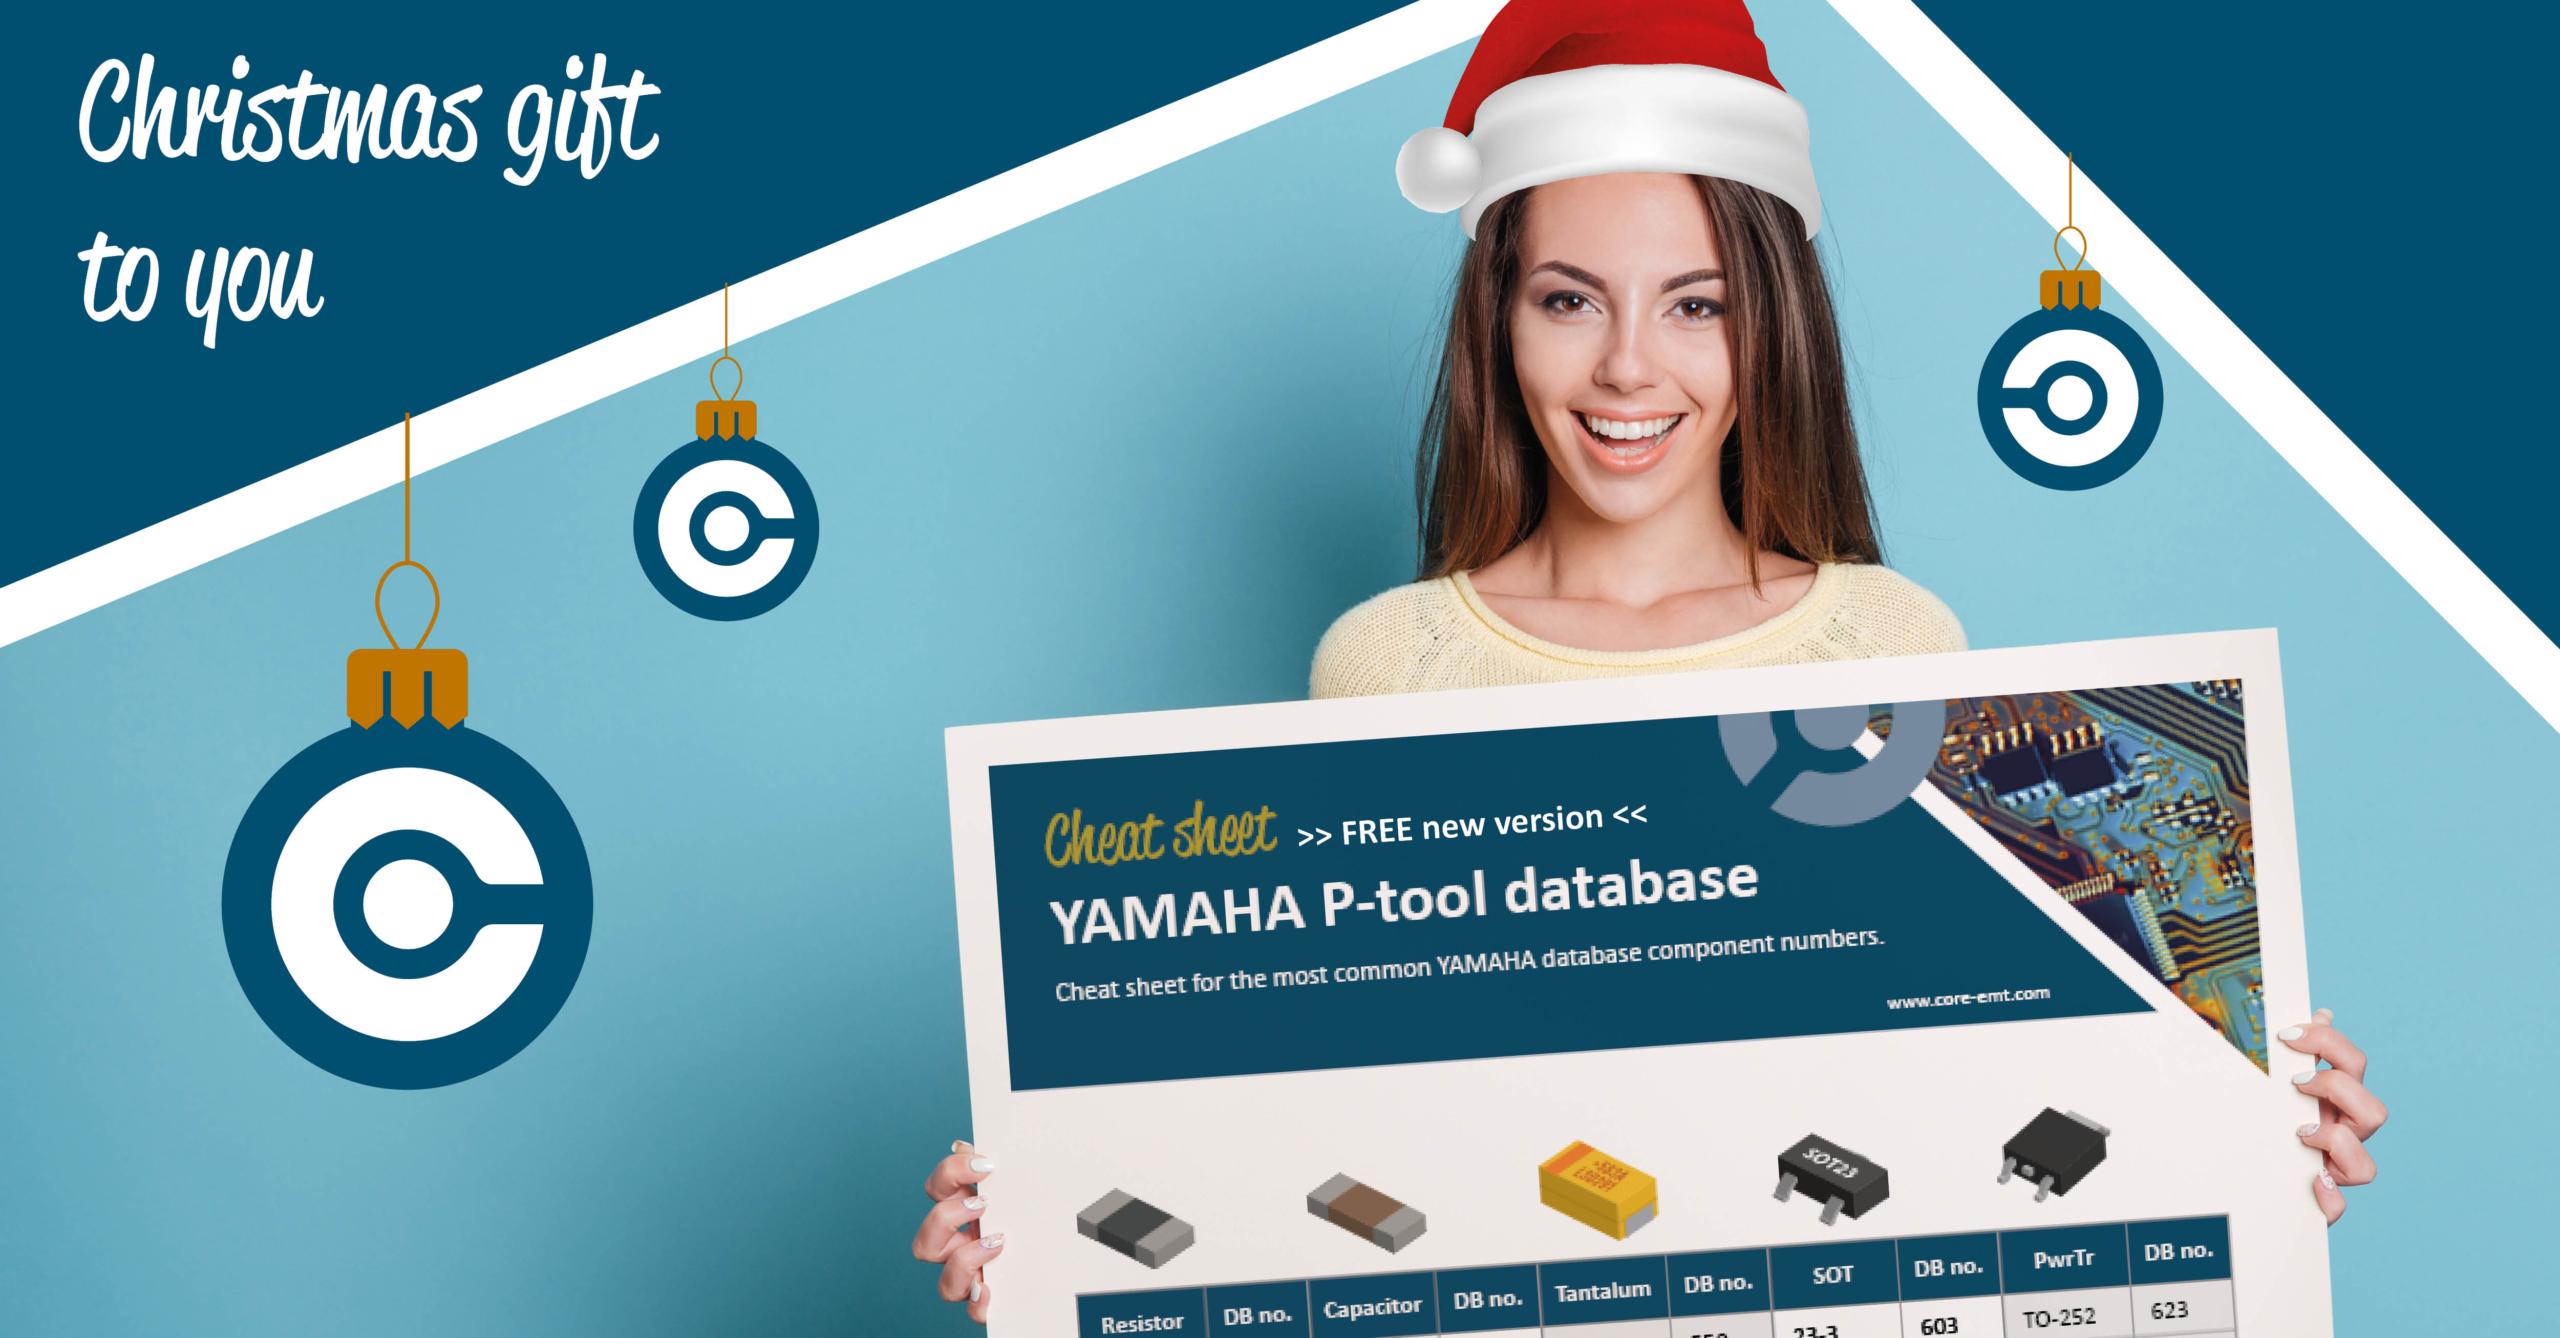 Christmas gift for you YAMAHA cheat sheet